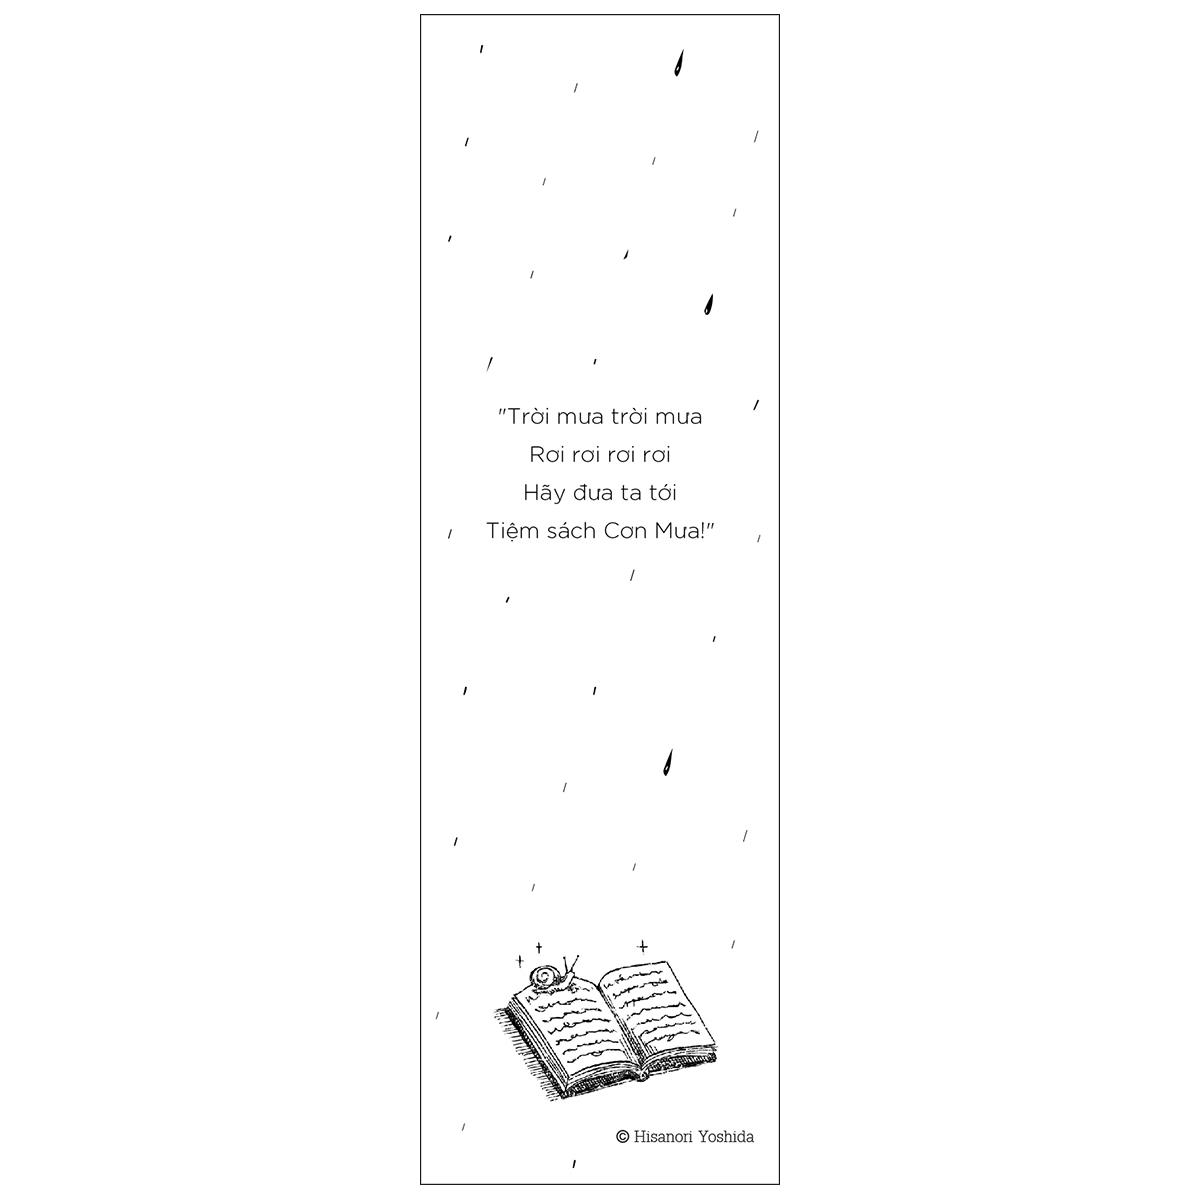 Tiệm Sách Cơn Mưa - Tập 2